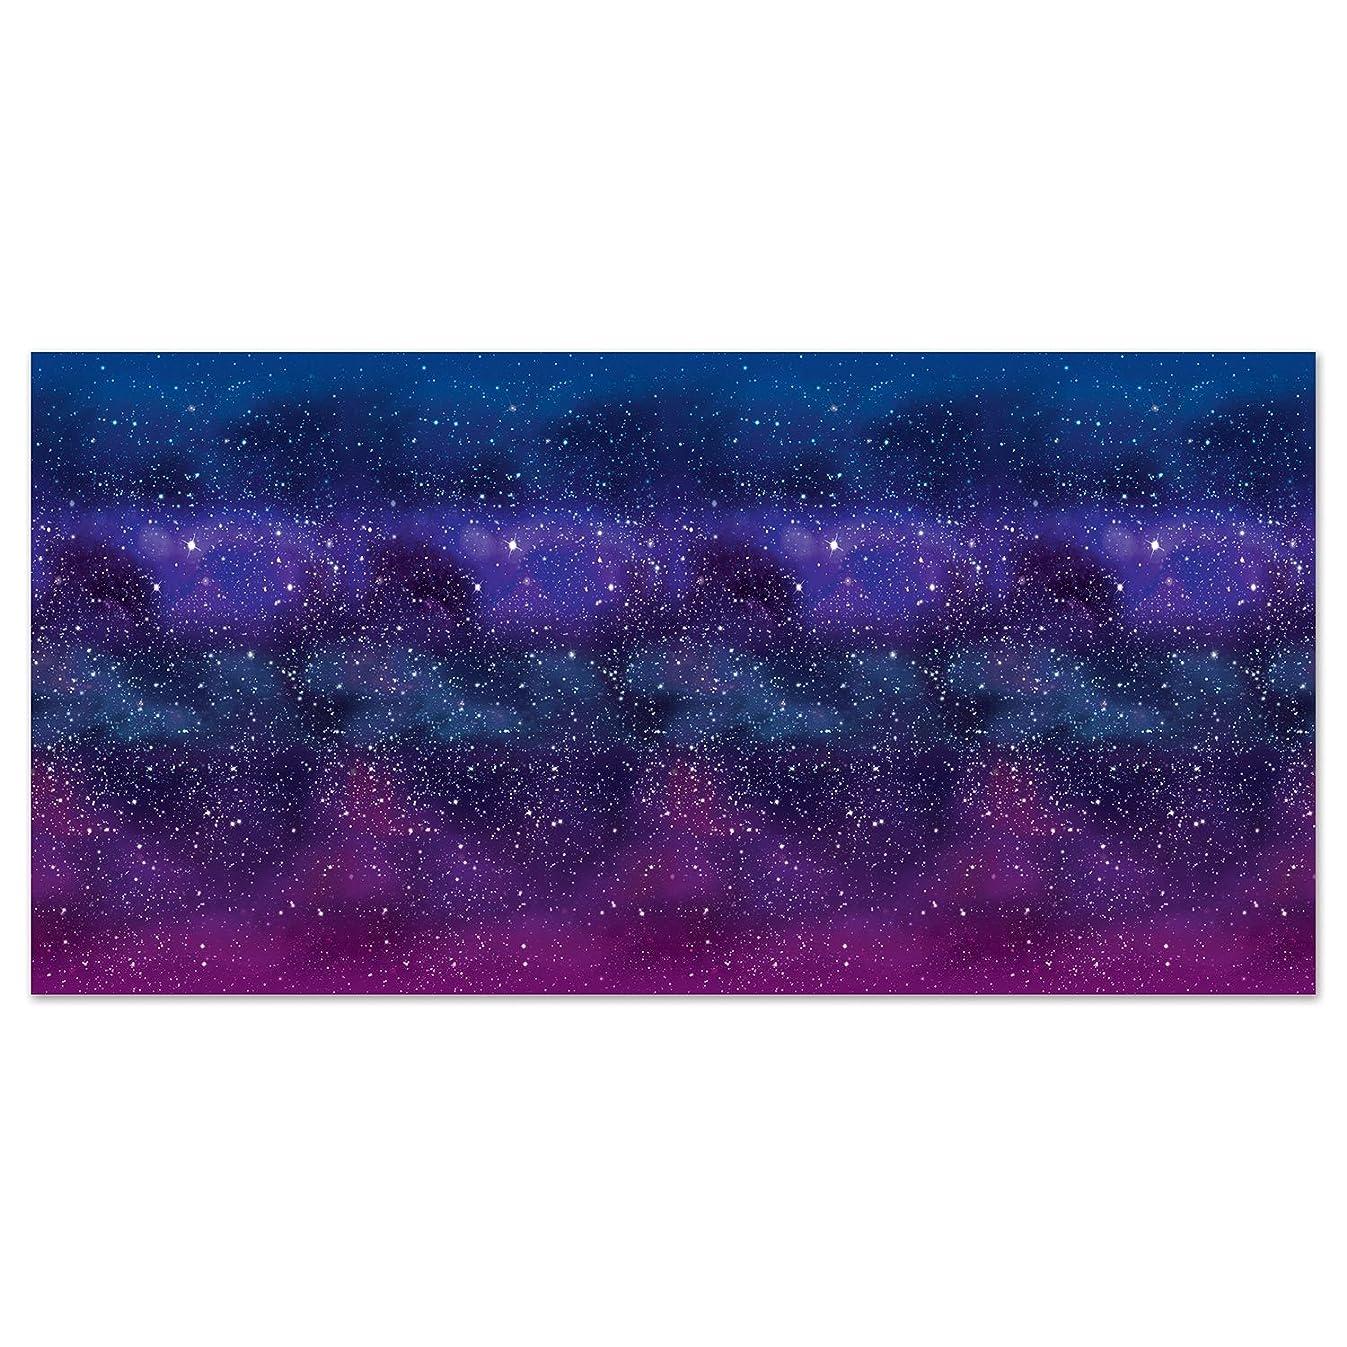 Beistle 59935 Galaxy Backdrop, 4' x 30', Multicolor